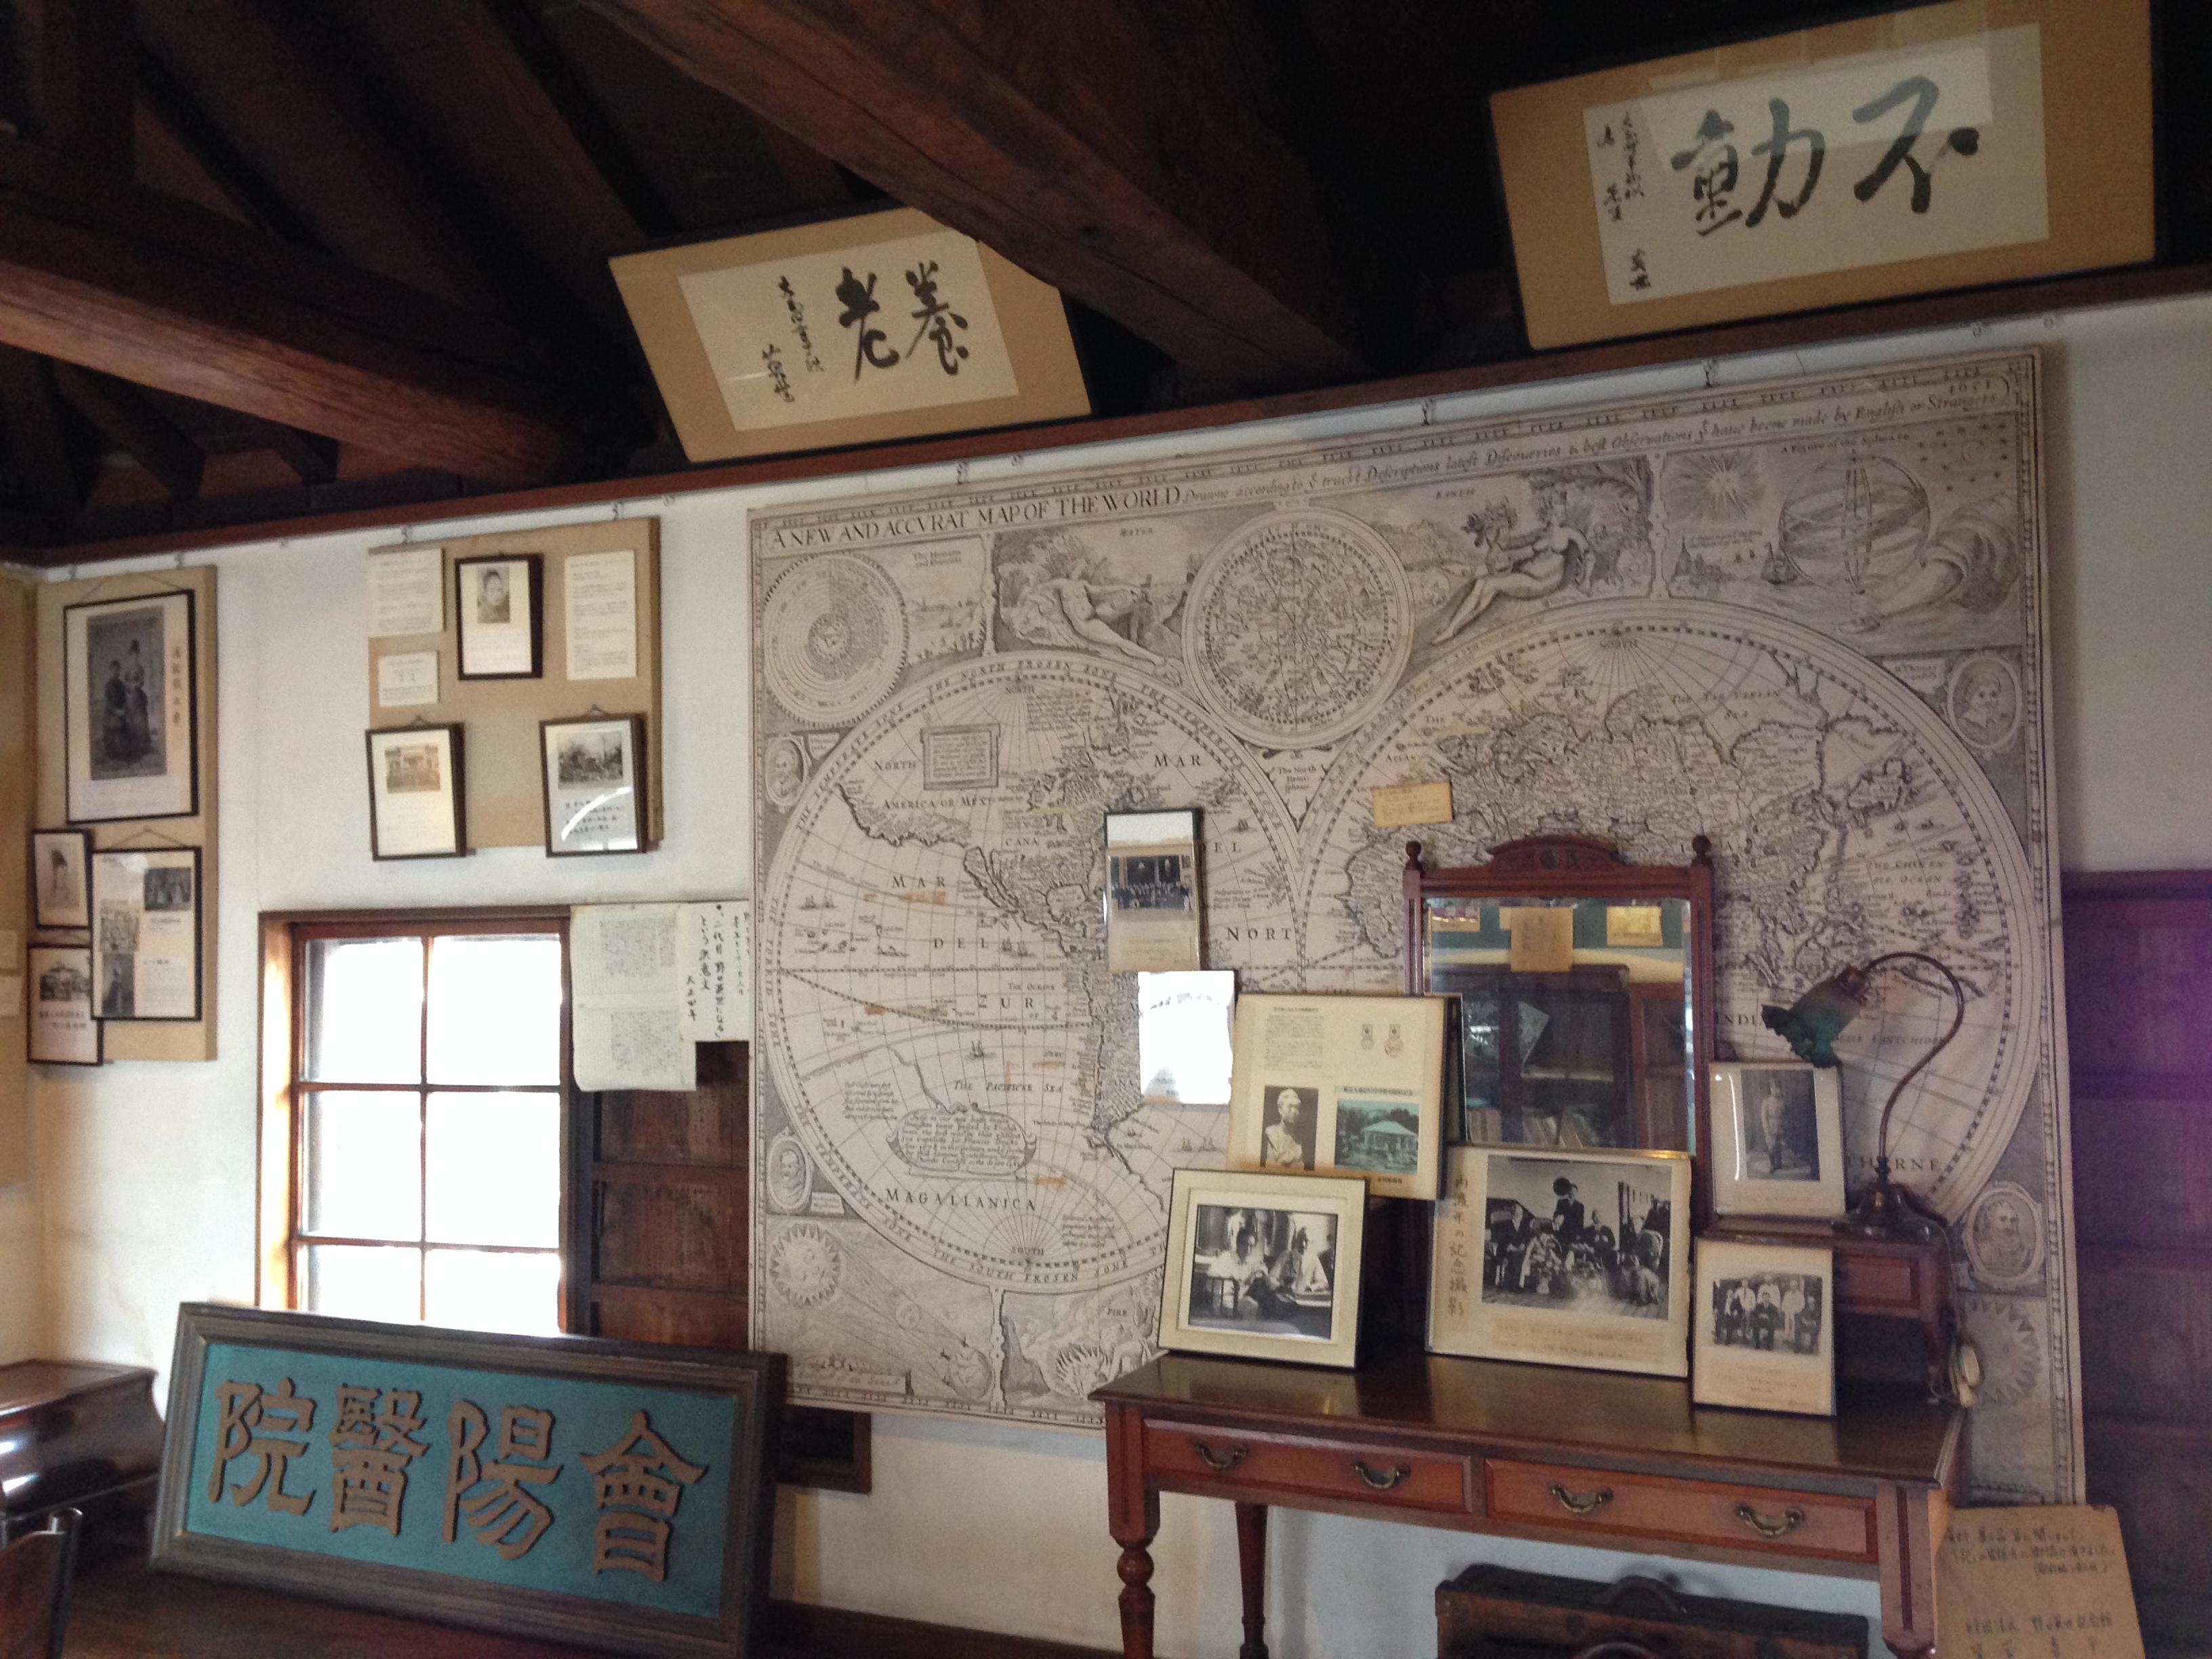 咖啡馆的纸巾上印有野口英世和渡部鼎可爱的卡通画像。